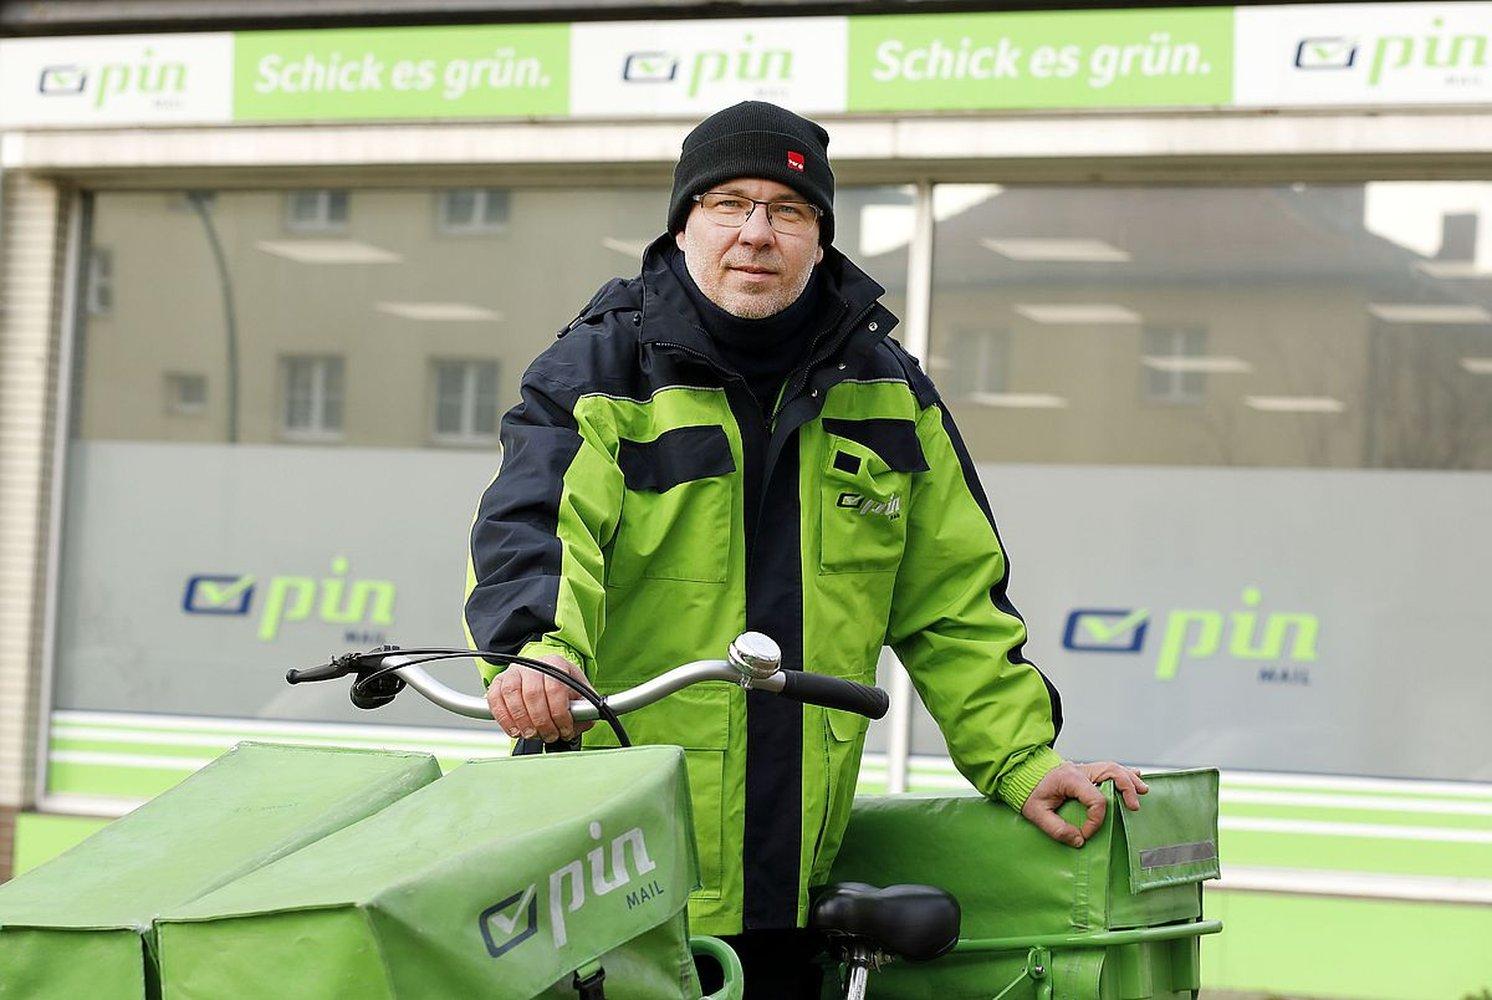 Betriebsrat aus Leidenschaft – ver.di